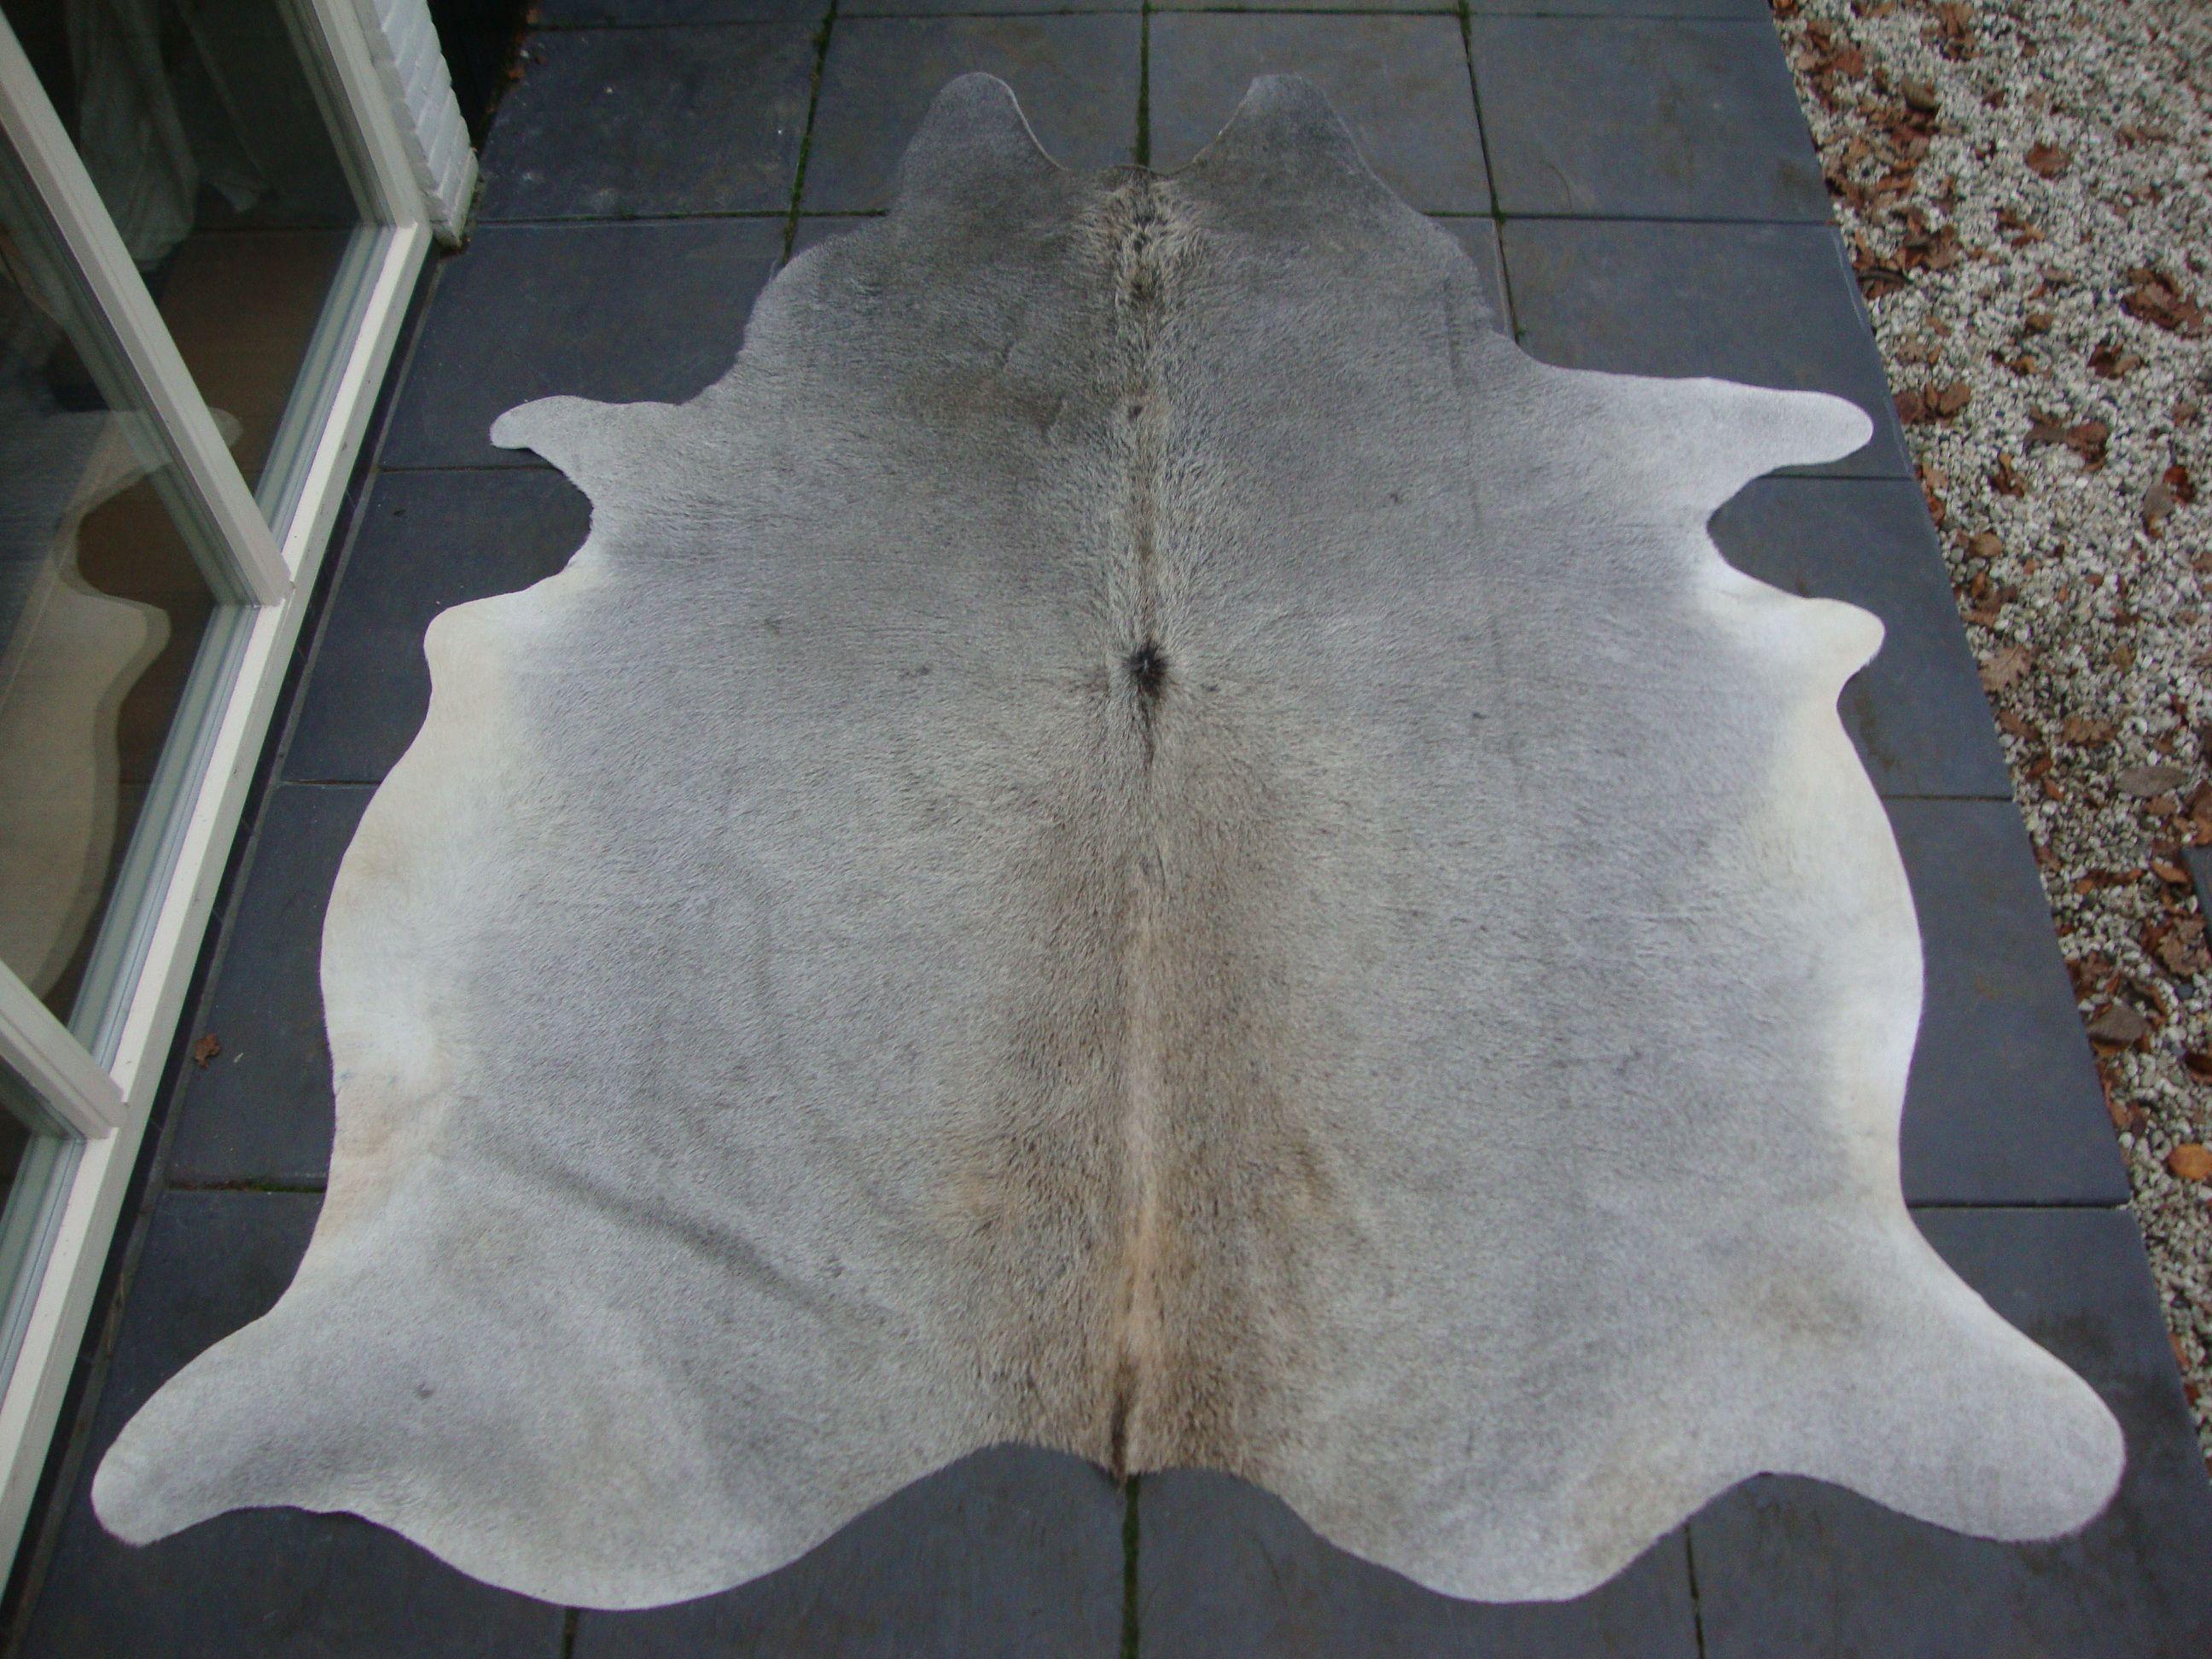 Grijze koeienhuid huiden & vachten pinterest exterior design